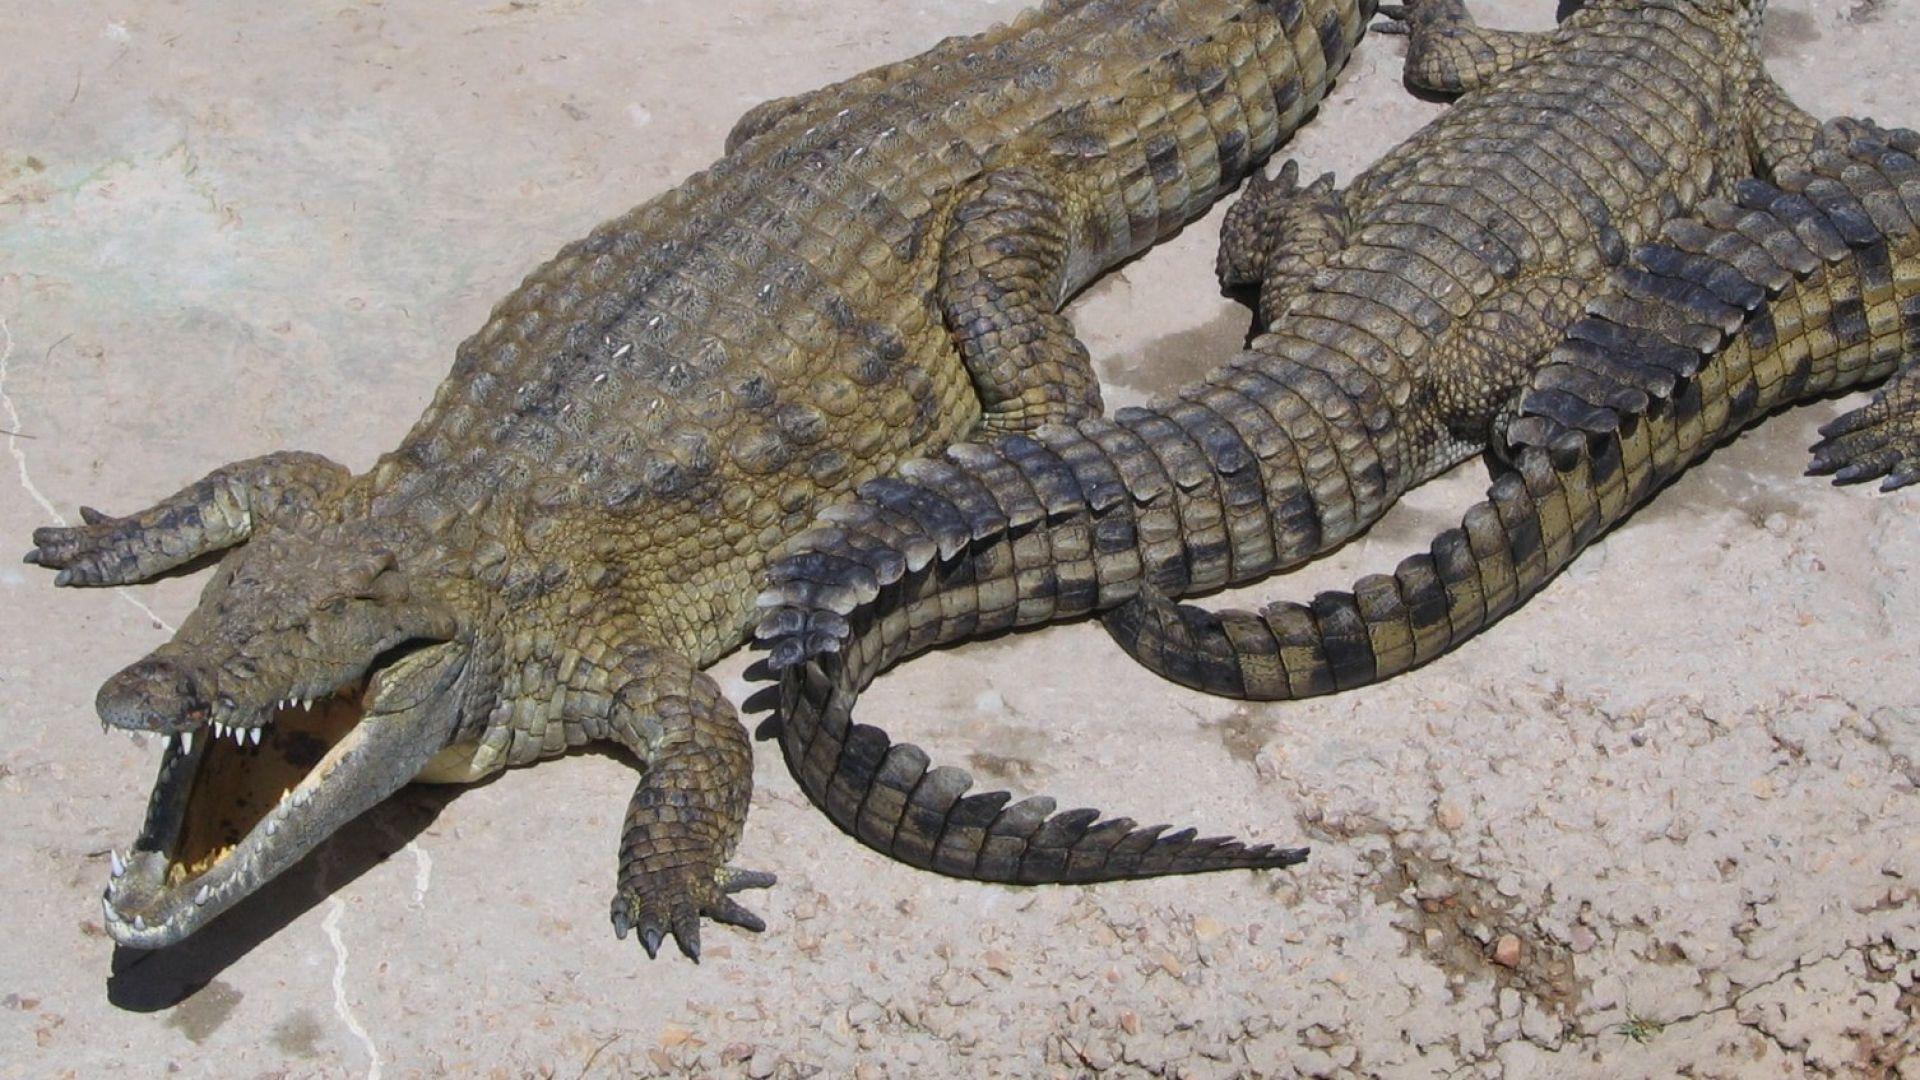 Убиха с чукове, тояги и ножове близо 300 крокодила във ферма (видео)